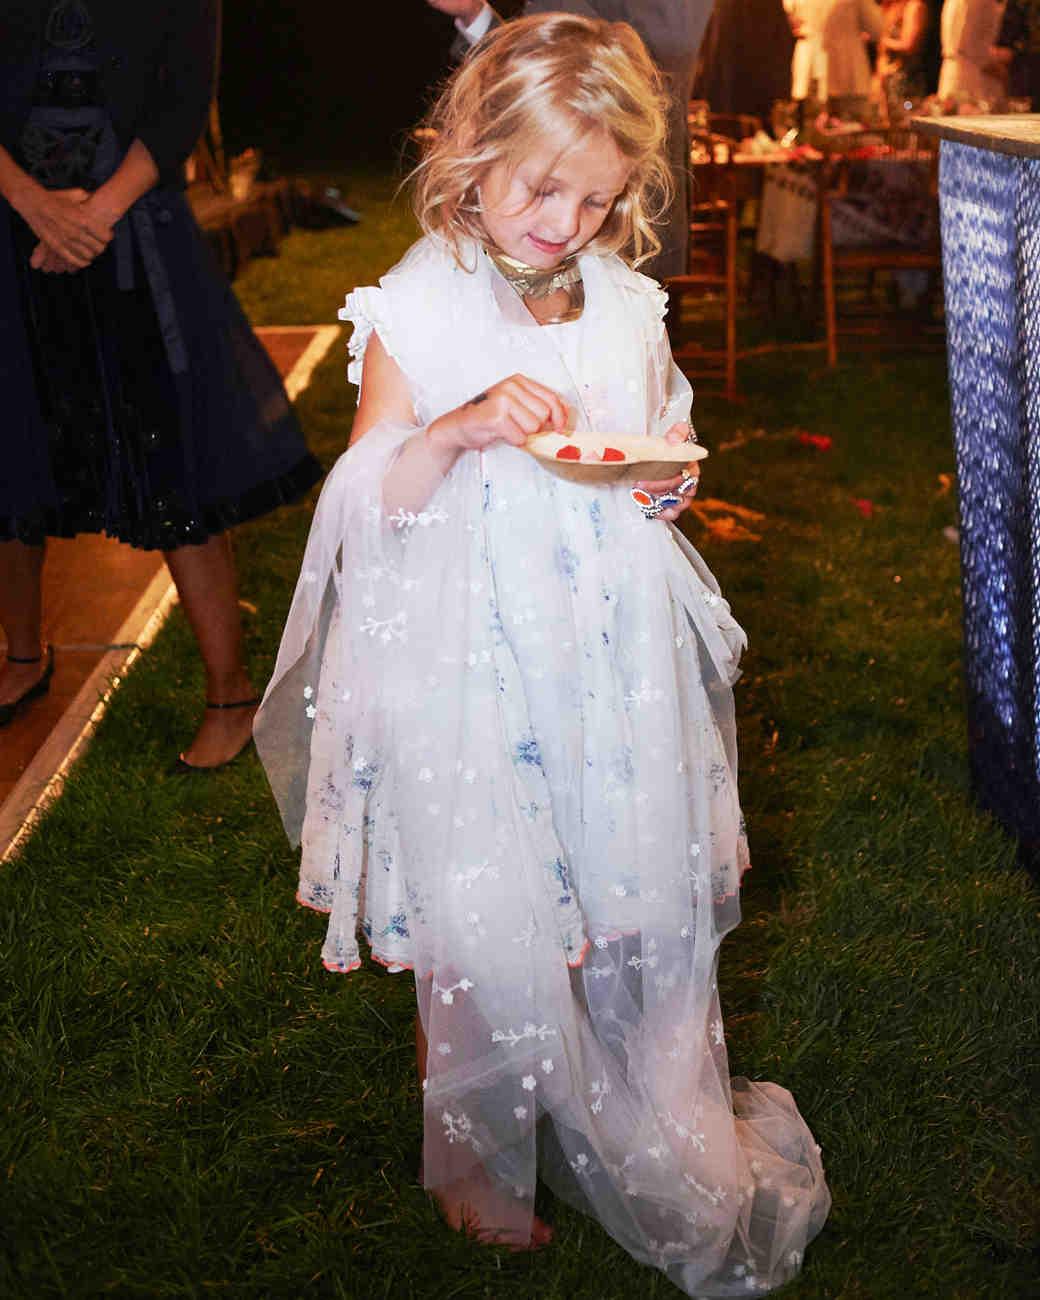 fiona-peter-wedding-flowergirl-veil-695d3s908-d112512.jpg